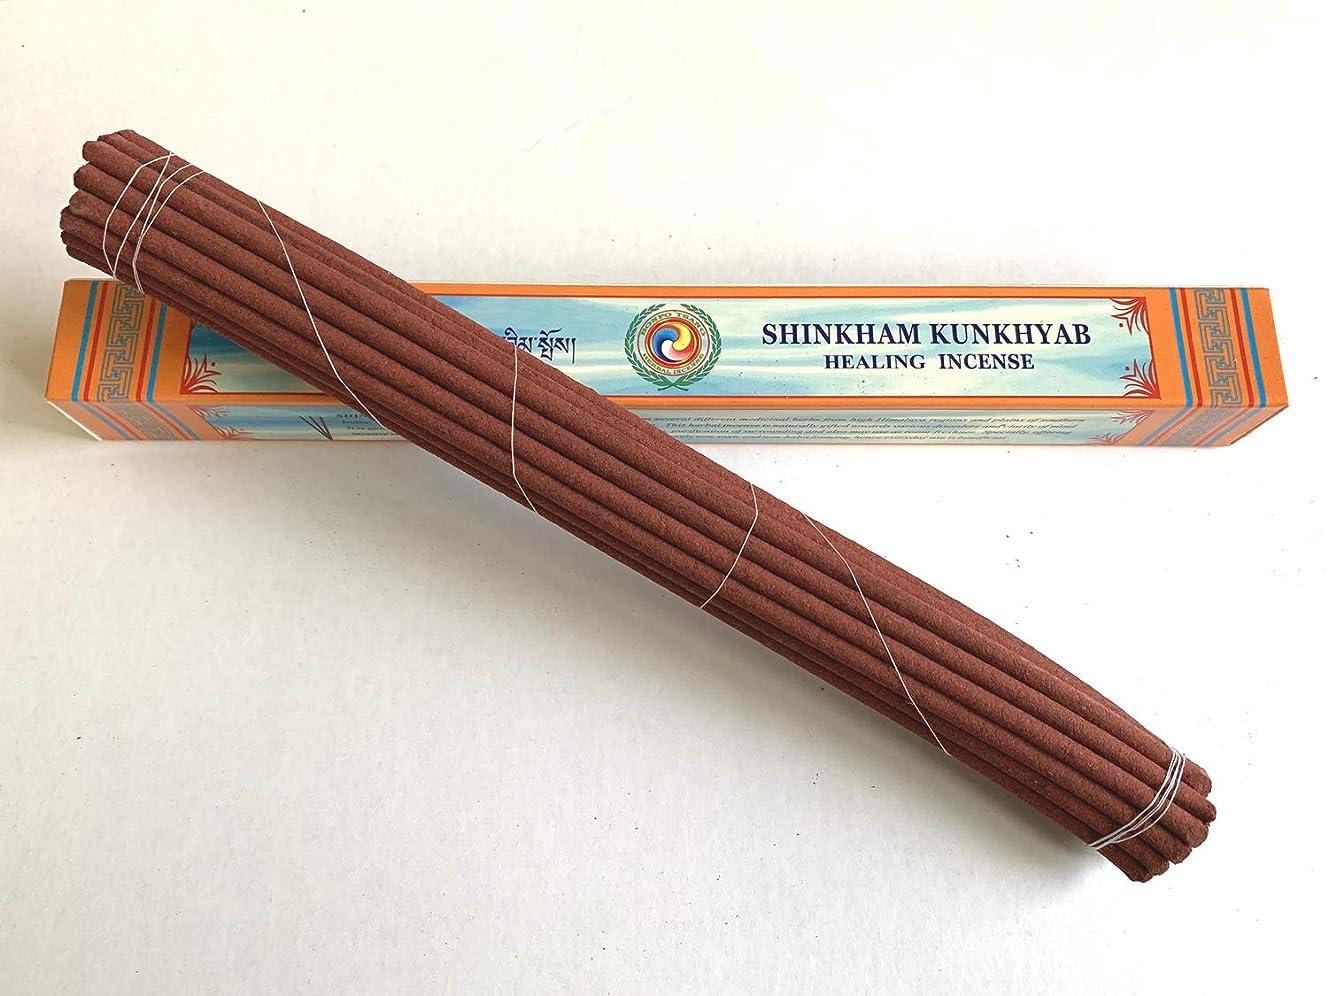 たまに硬化する排他的Bonpo Tsang Agarbathi Factory/シンカムクンキャブ ロング(天堂藏香) SHINKHAM KUNKHYAB(LONG) 約25本入り